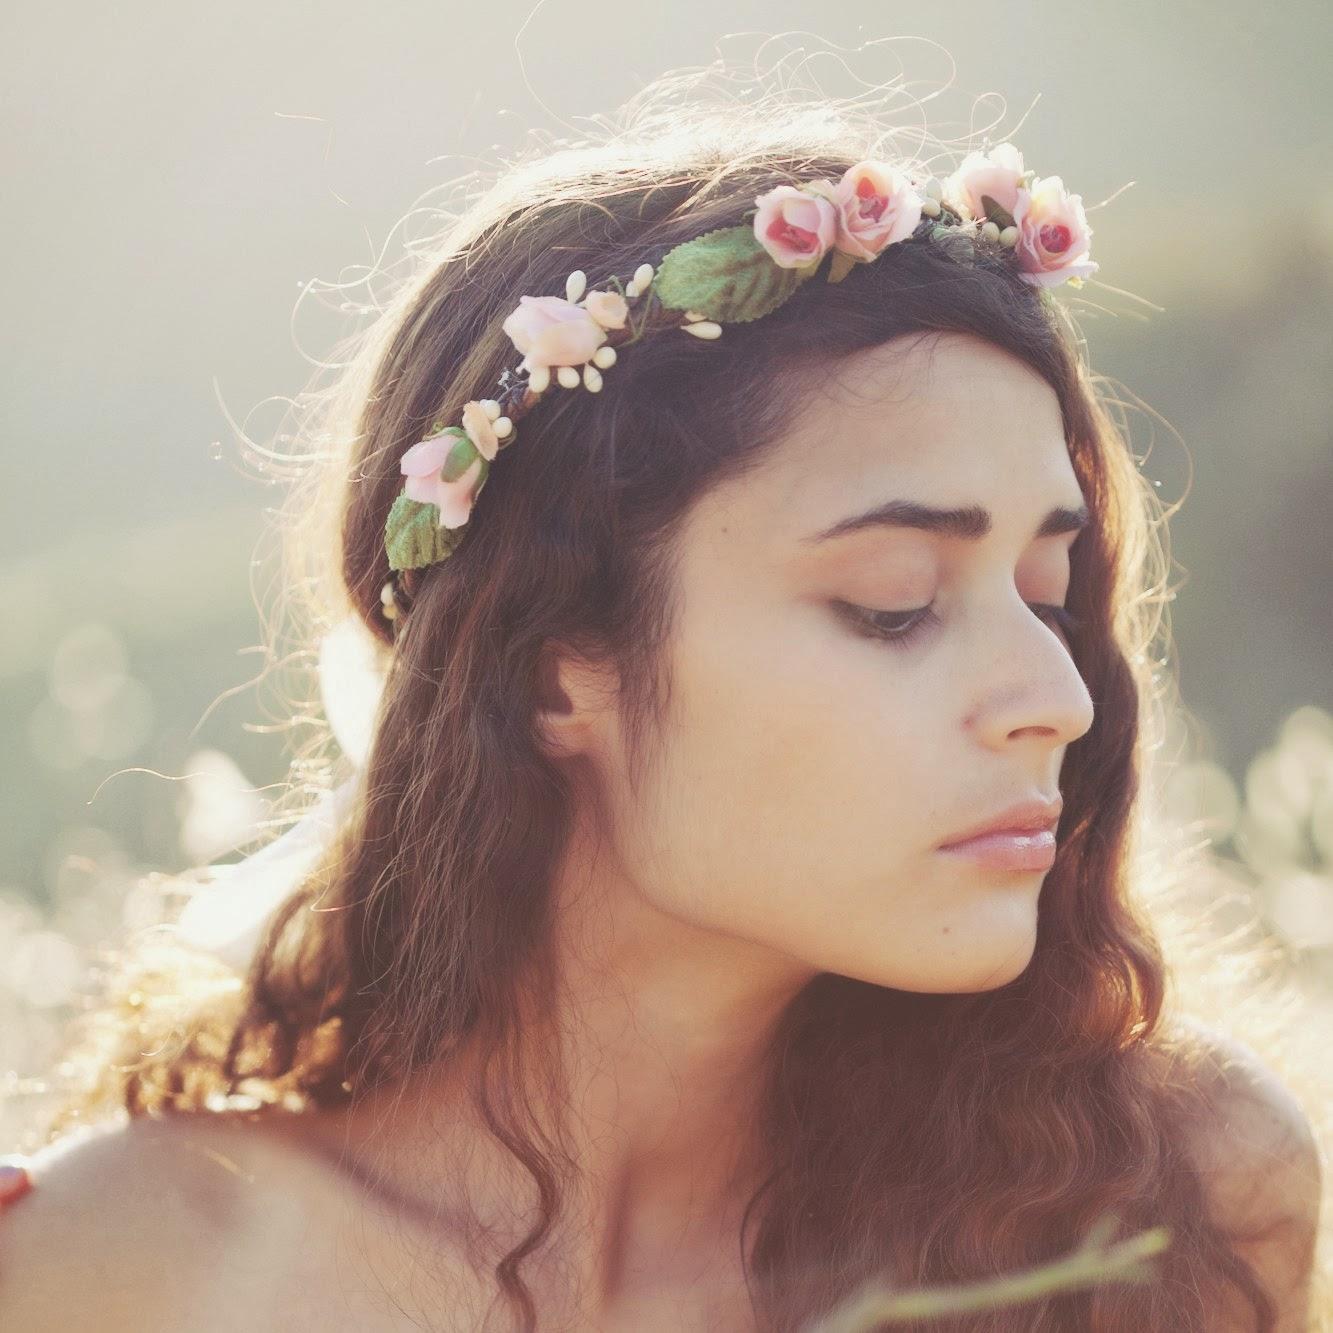 Cara membuat flower crown simple dan praktis cara membuat flower cara membuat flower crown simple dan praktis izmirmasajfo